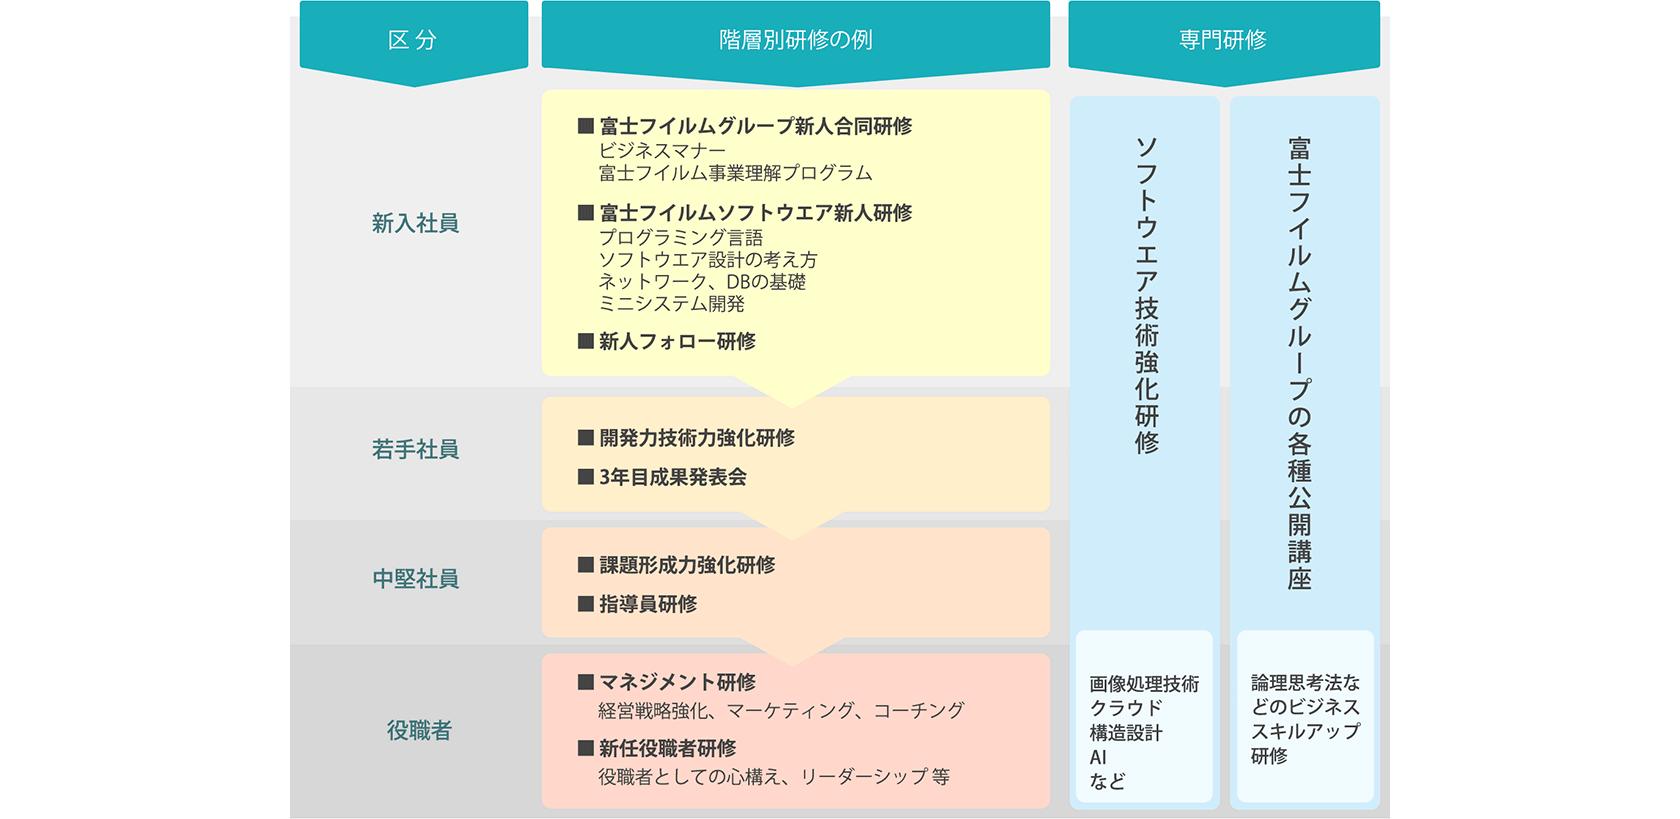 [図] キャリア形成の説明